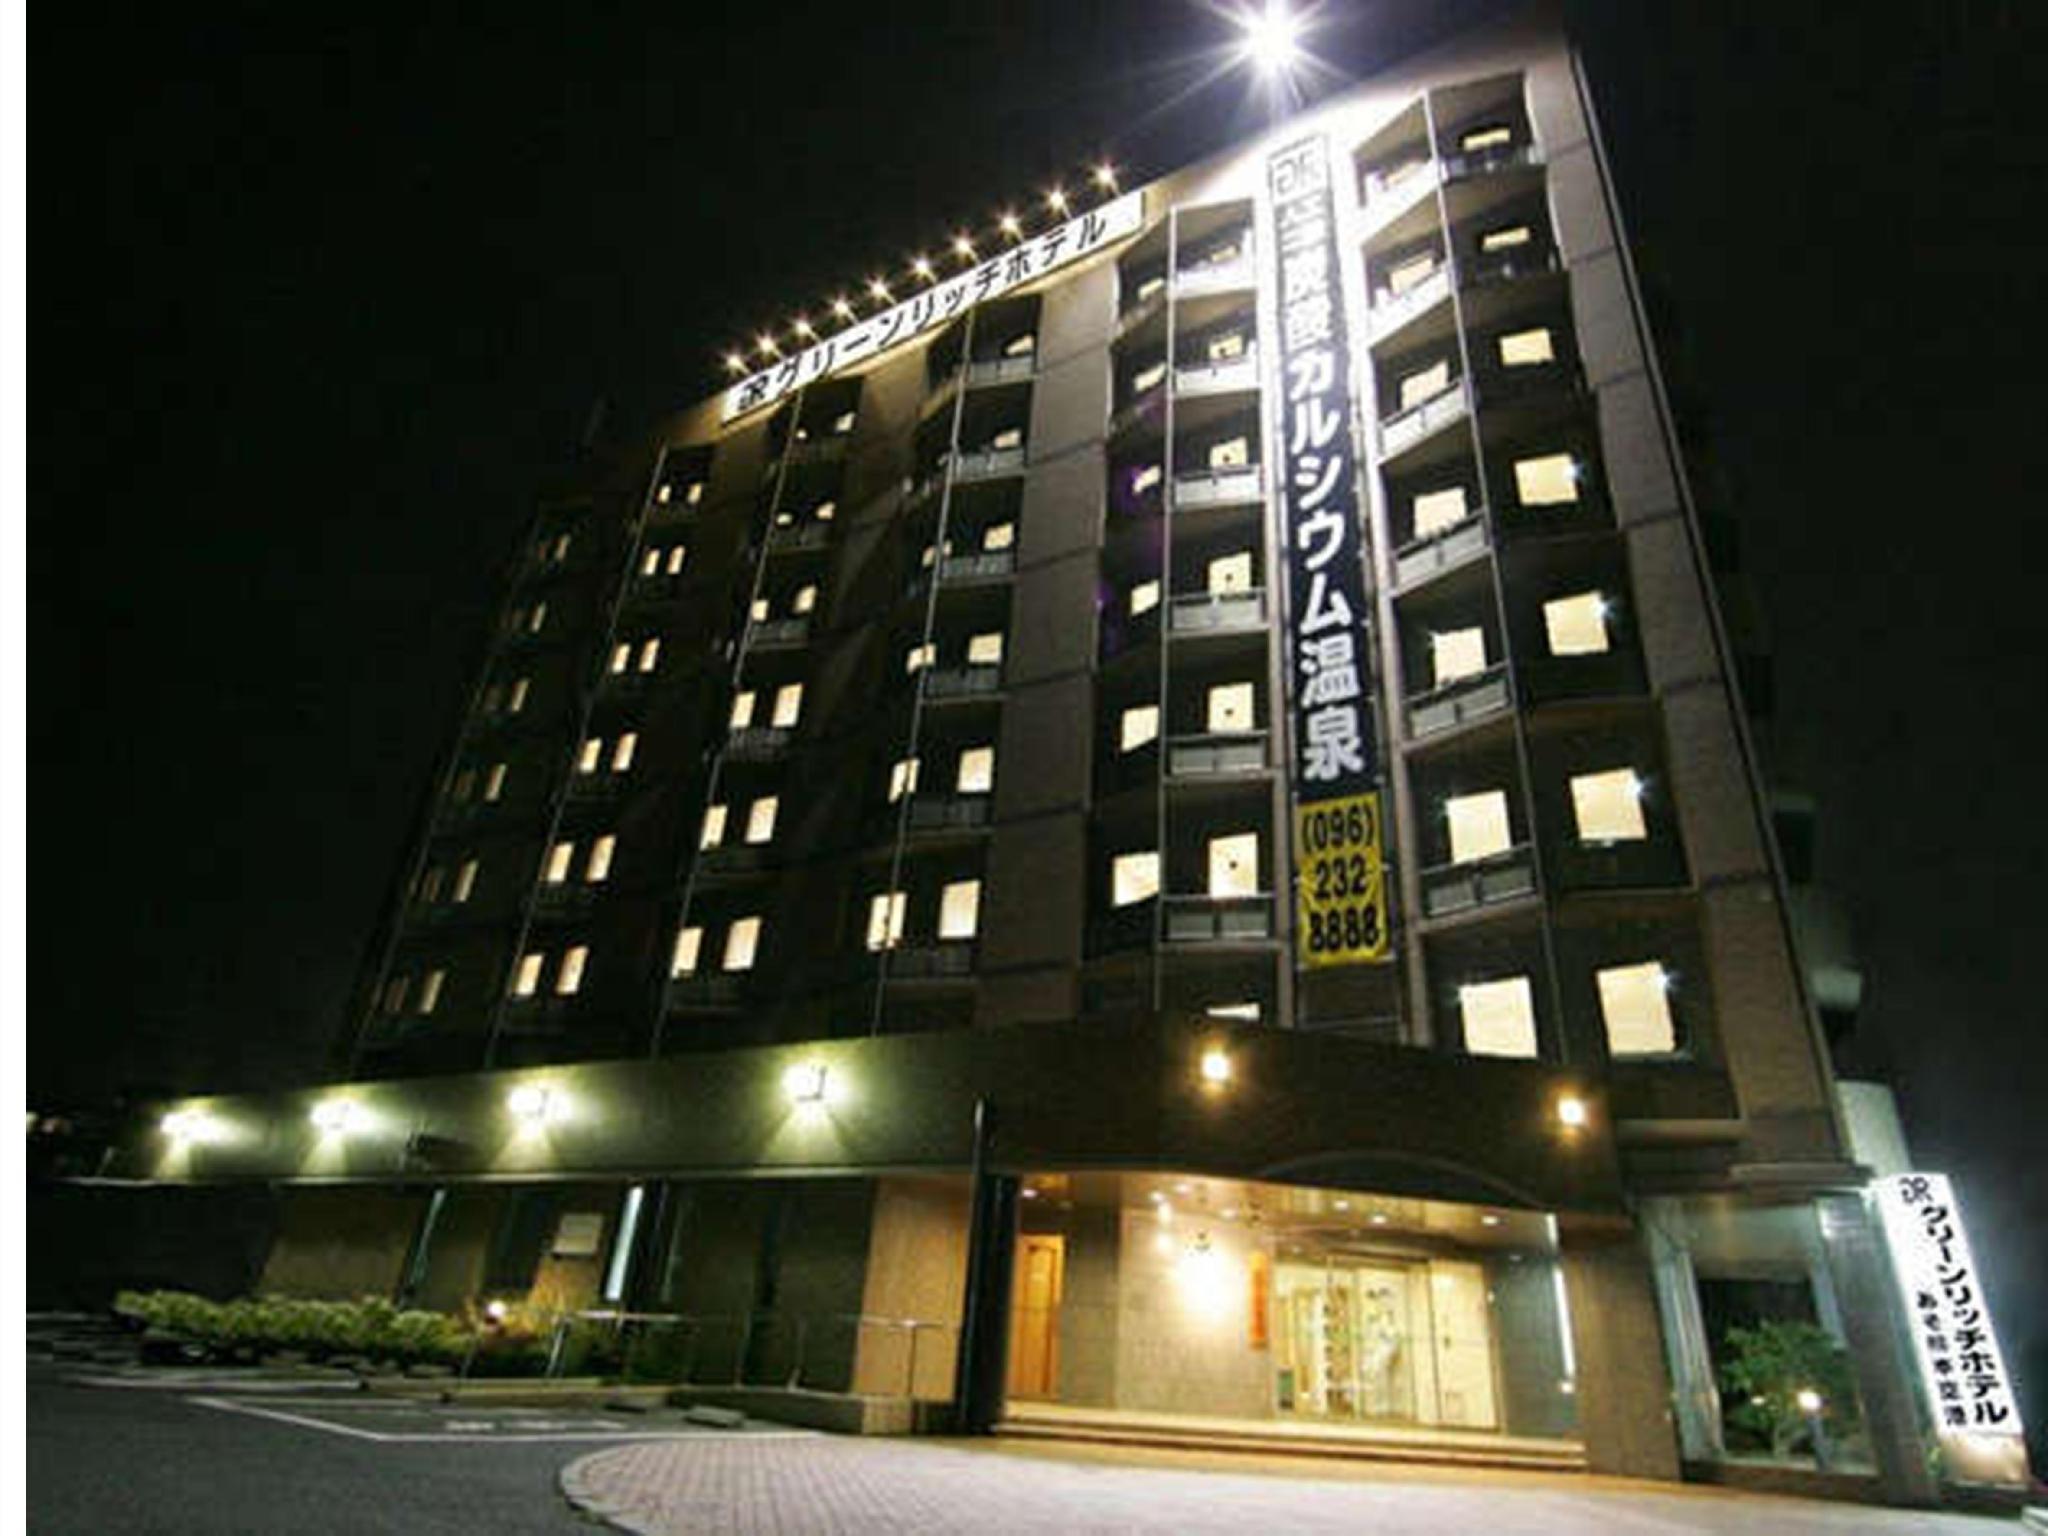 โรงแรมกรีนริช สนามบินอะโซะ คุมาโมโตะ